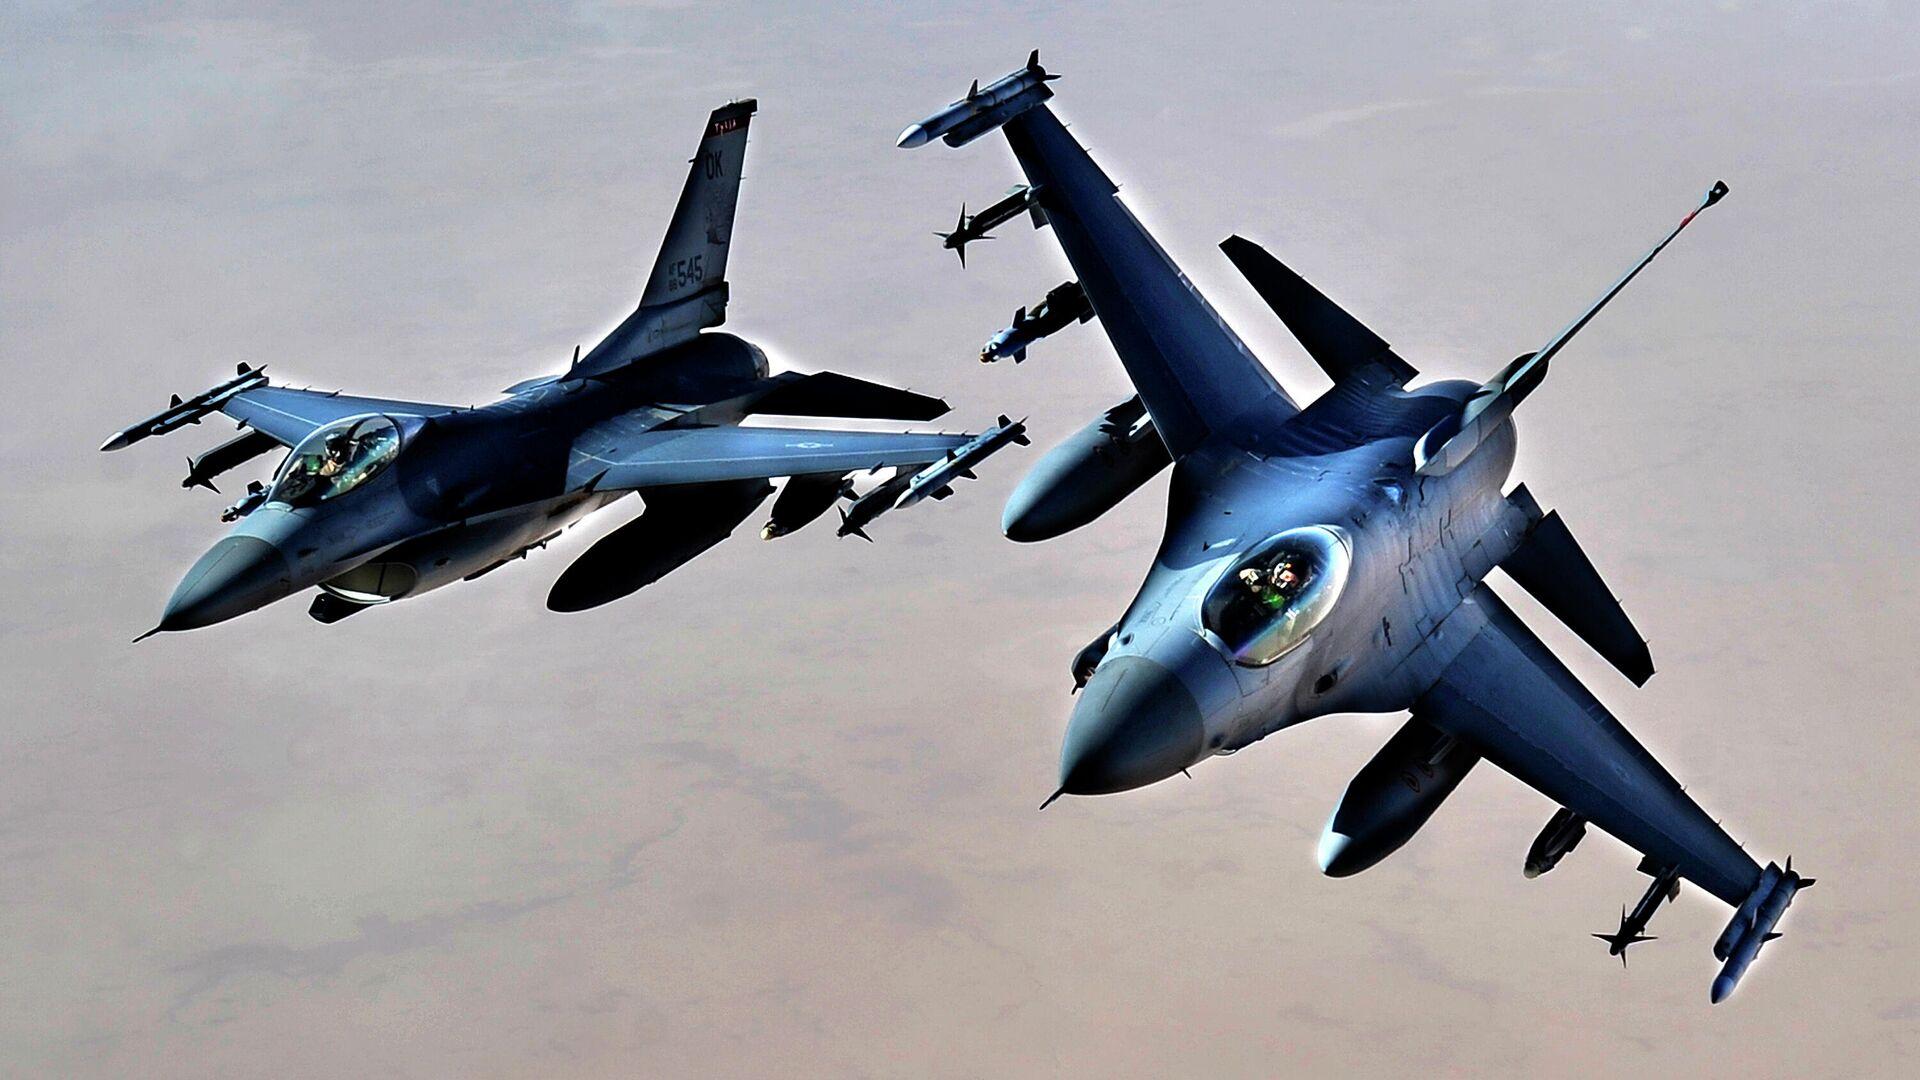 Истребители ВВС США F-16 над территорией Ирака - РИА Новости, 1920, 23.09.2020